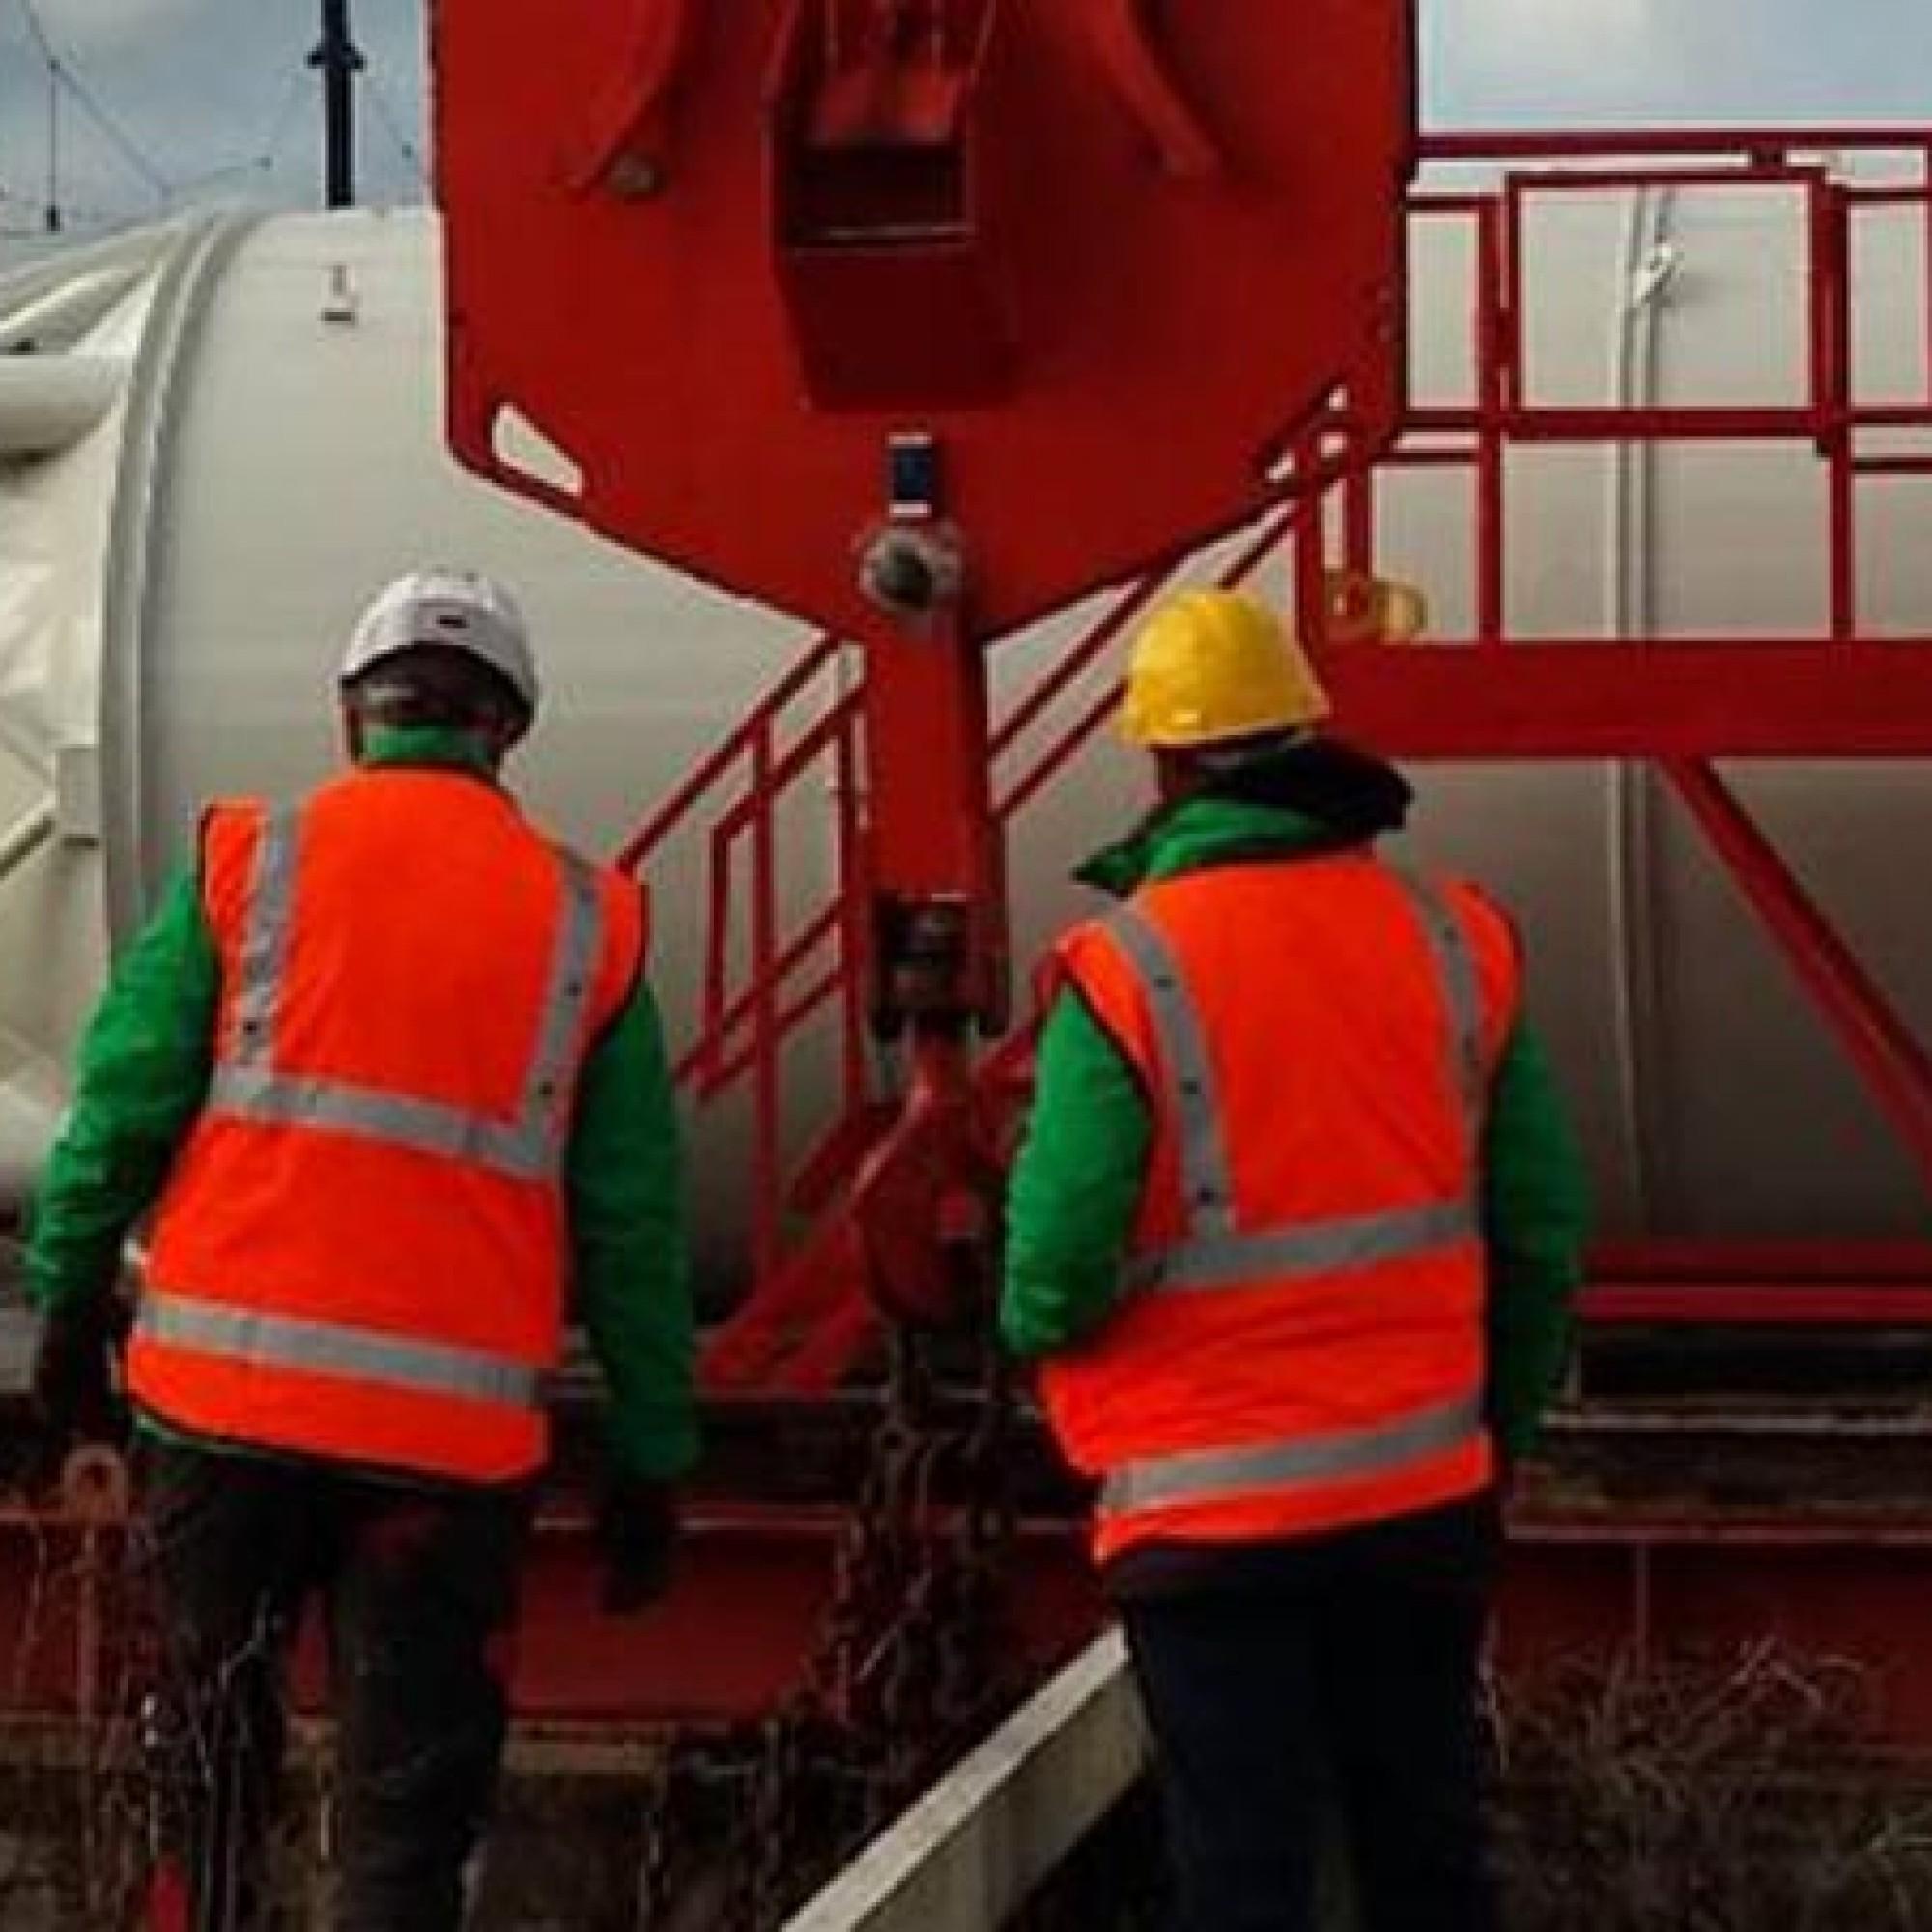 Le gilet connecté sonne et clignote en cas de danger sur le chantier. ©CAD.42